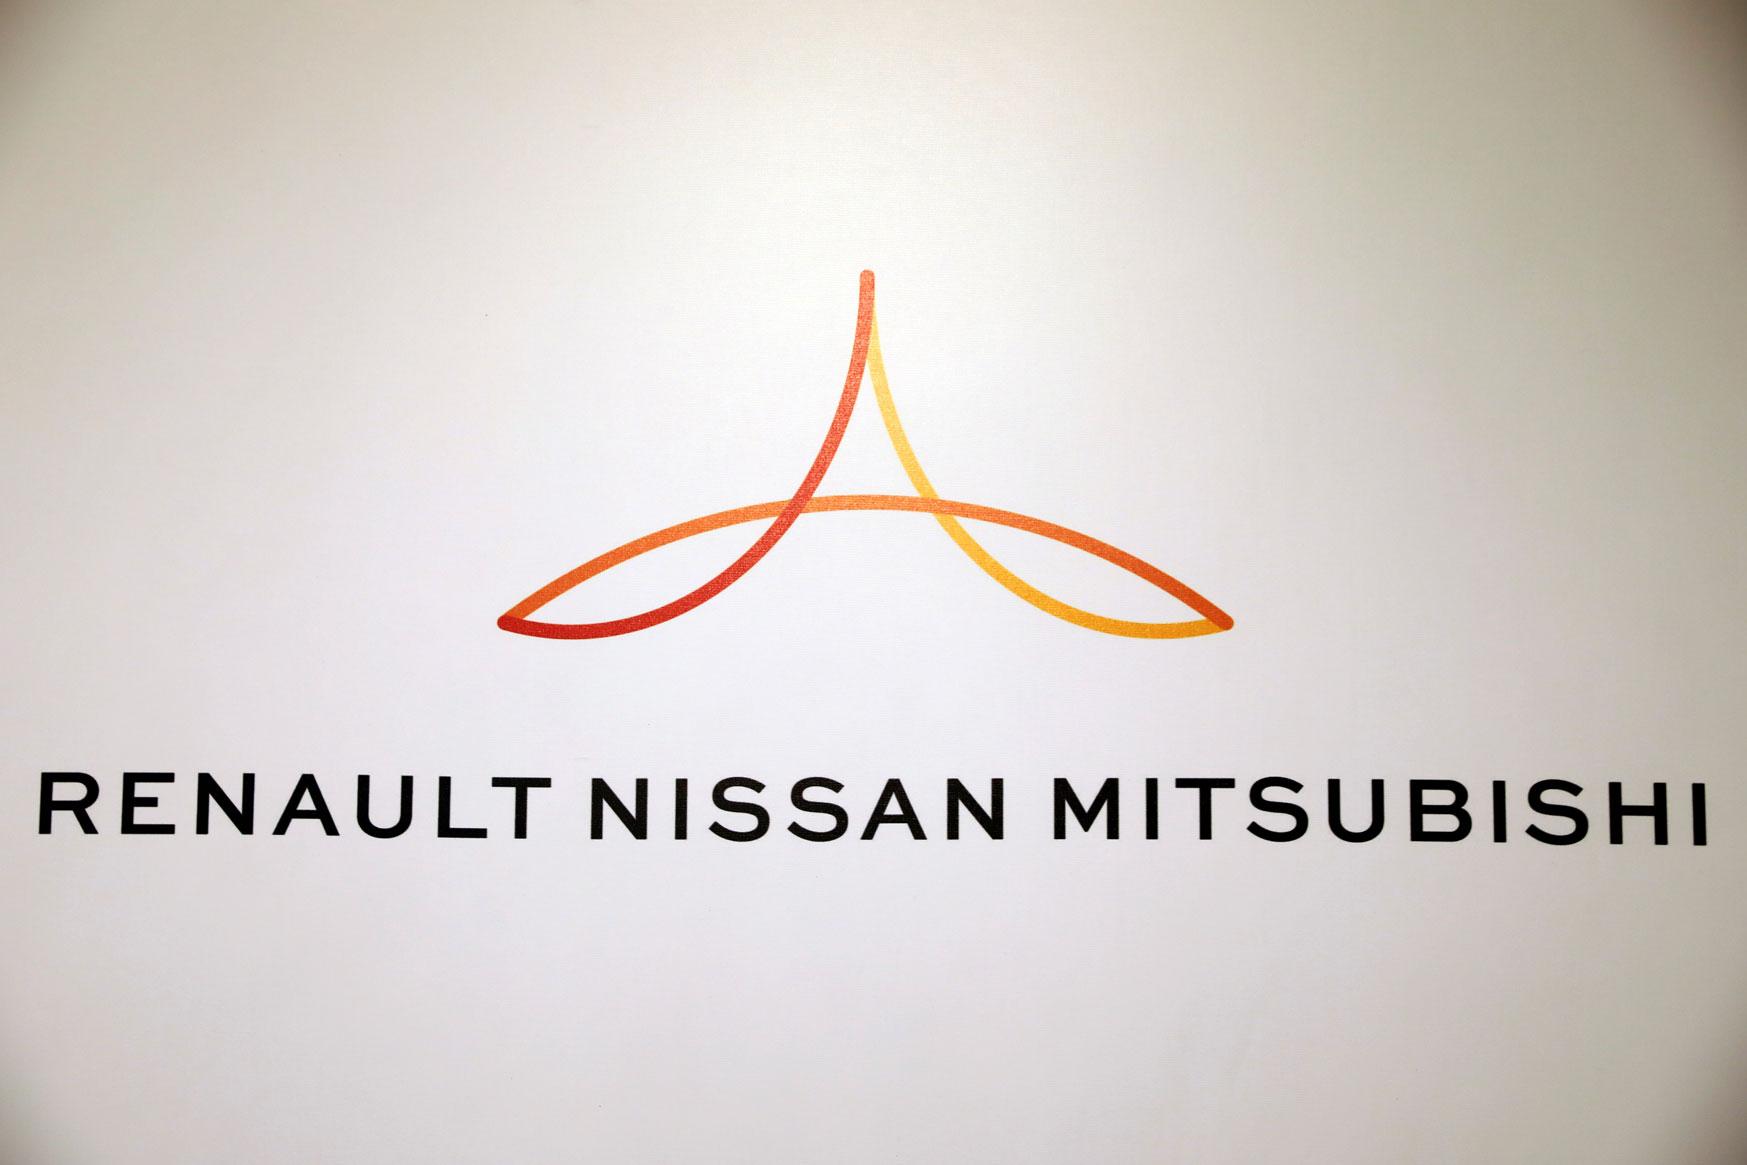 Nissan, Renault y  Mitsubishi insisten en que su futuro es en una alianza, pero ¿qué implica?